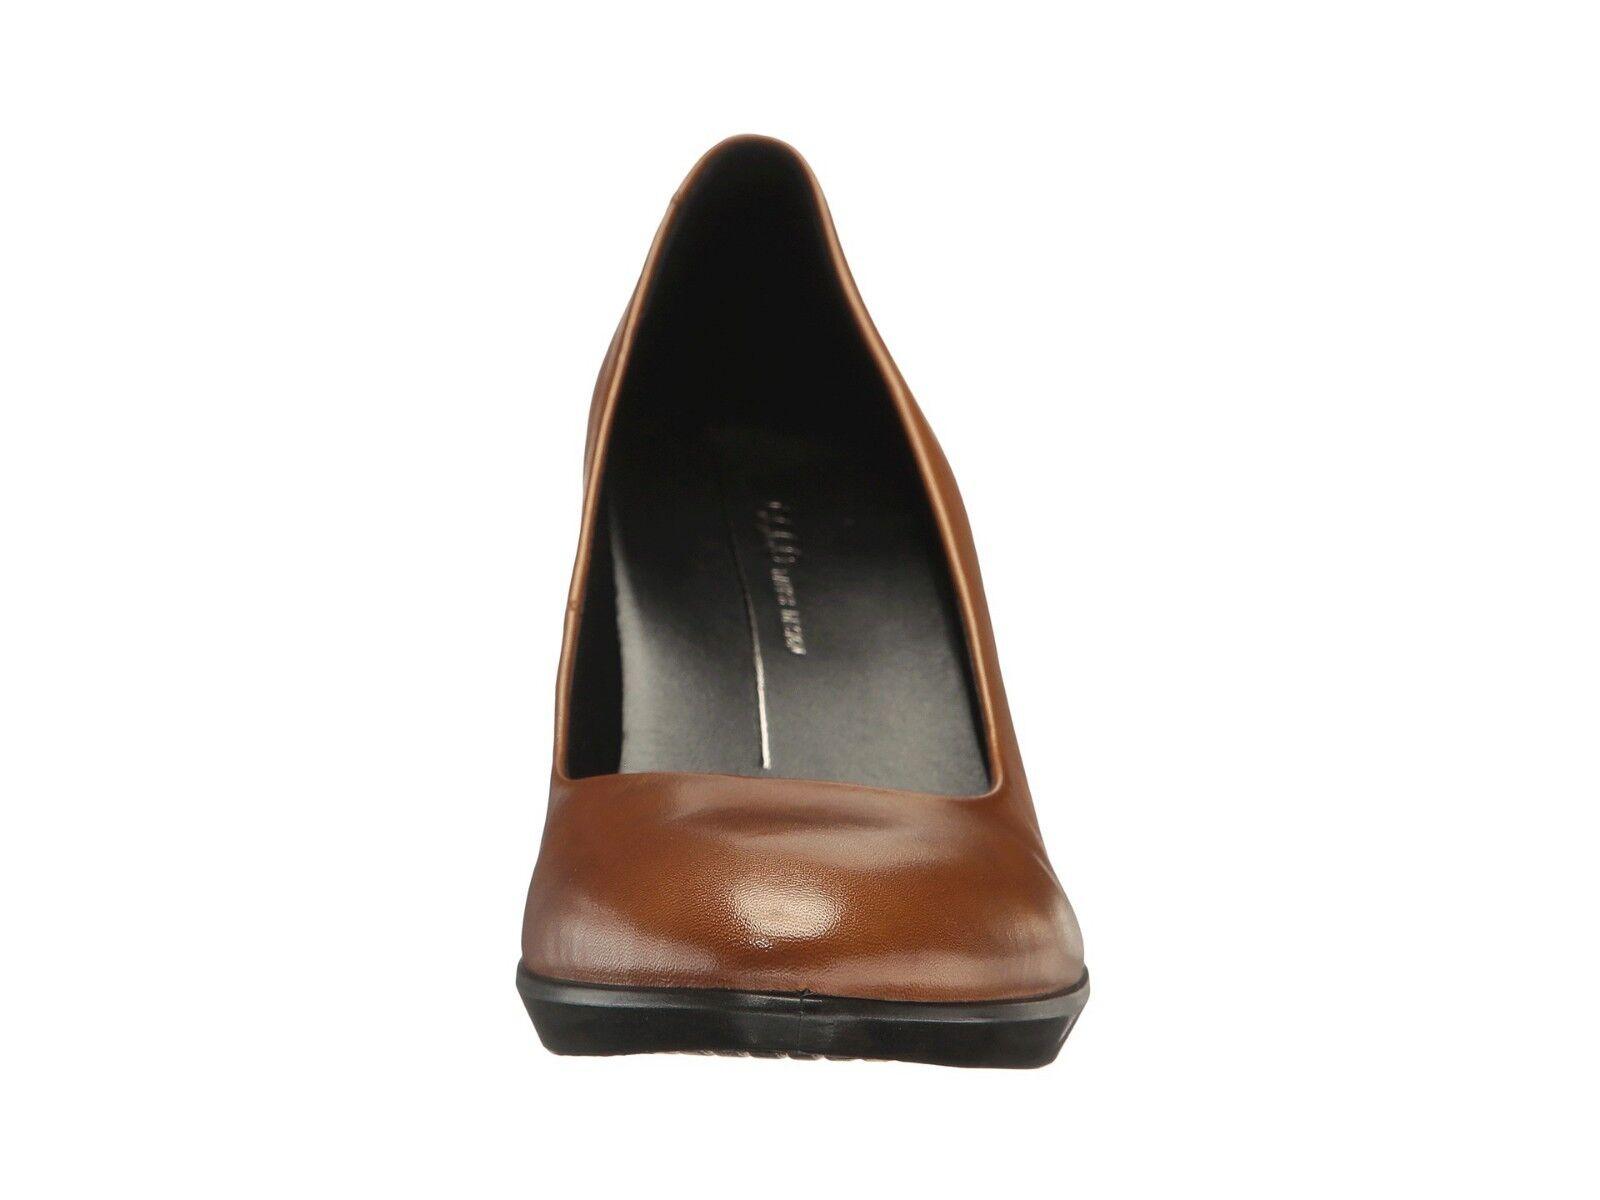 Women's ECCO size 38 (US (US (US size 7) Brown Plateau Shape 55 Heel Pumps shoes NEW 1e6e06